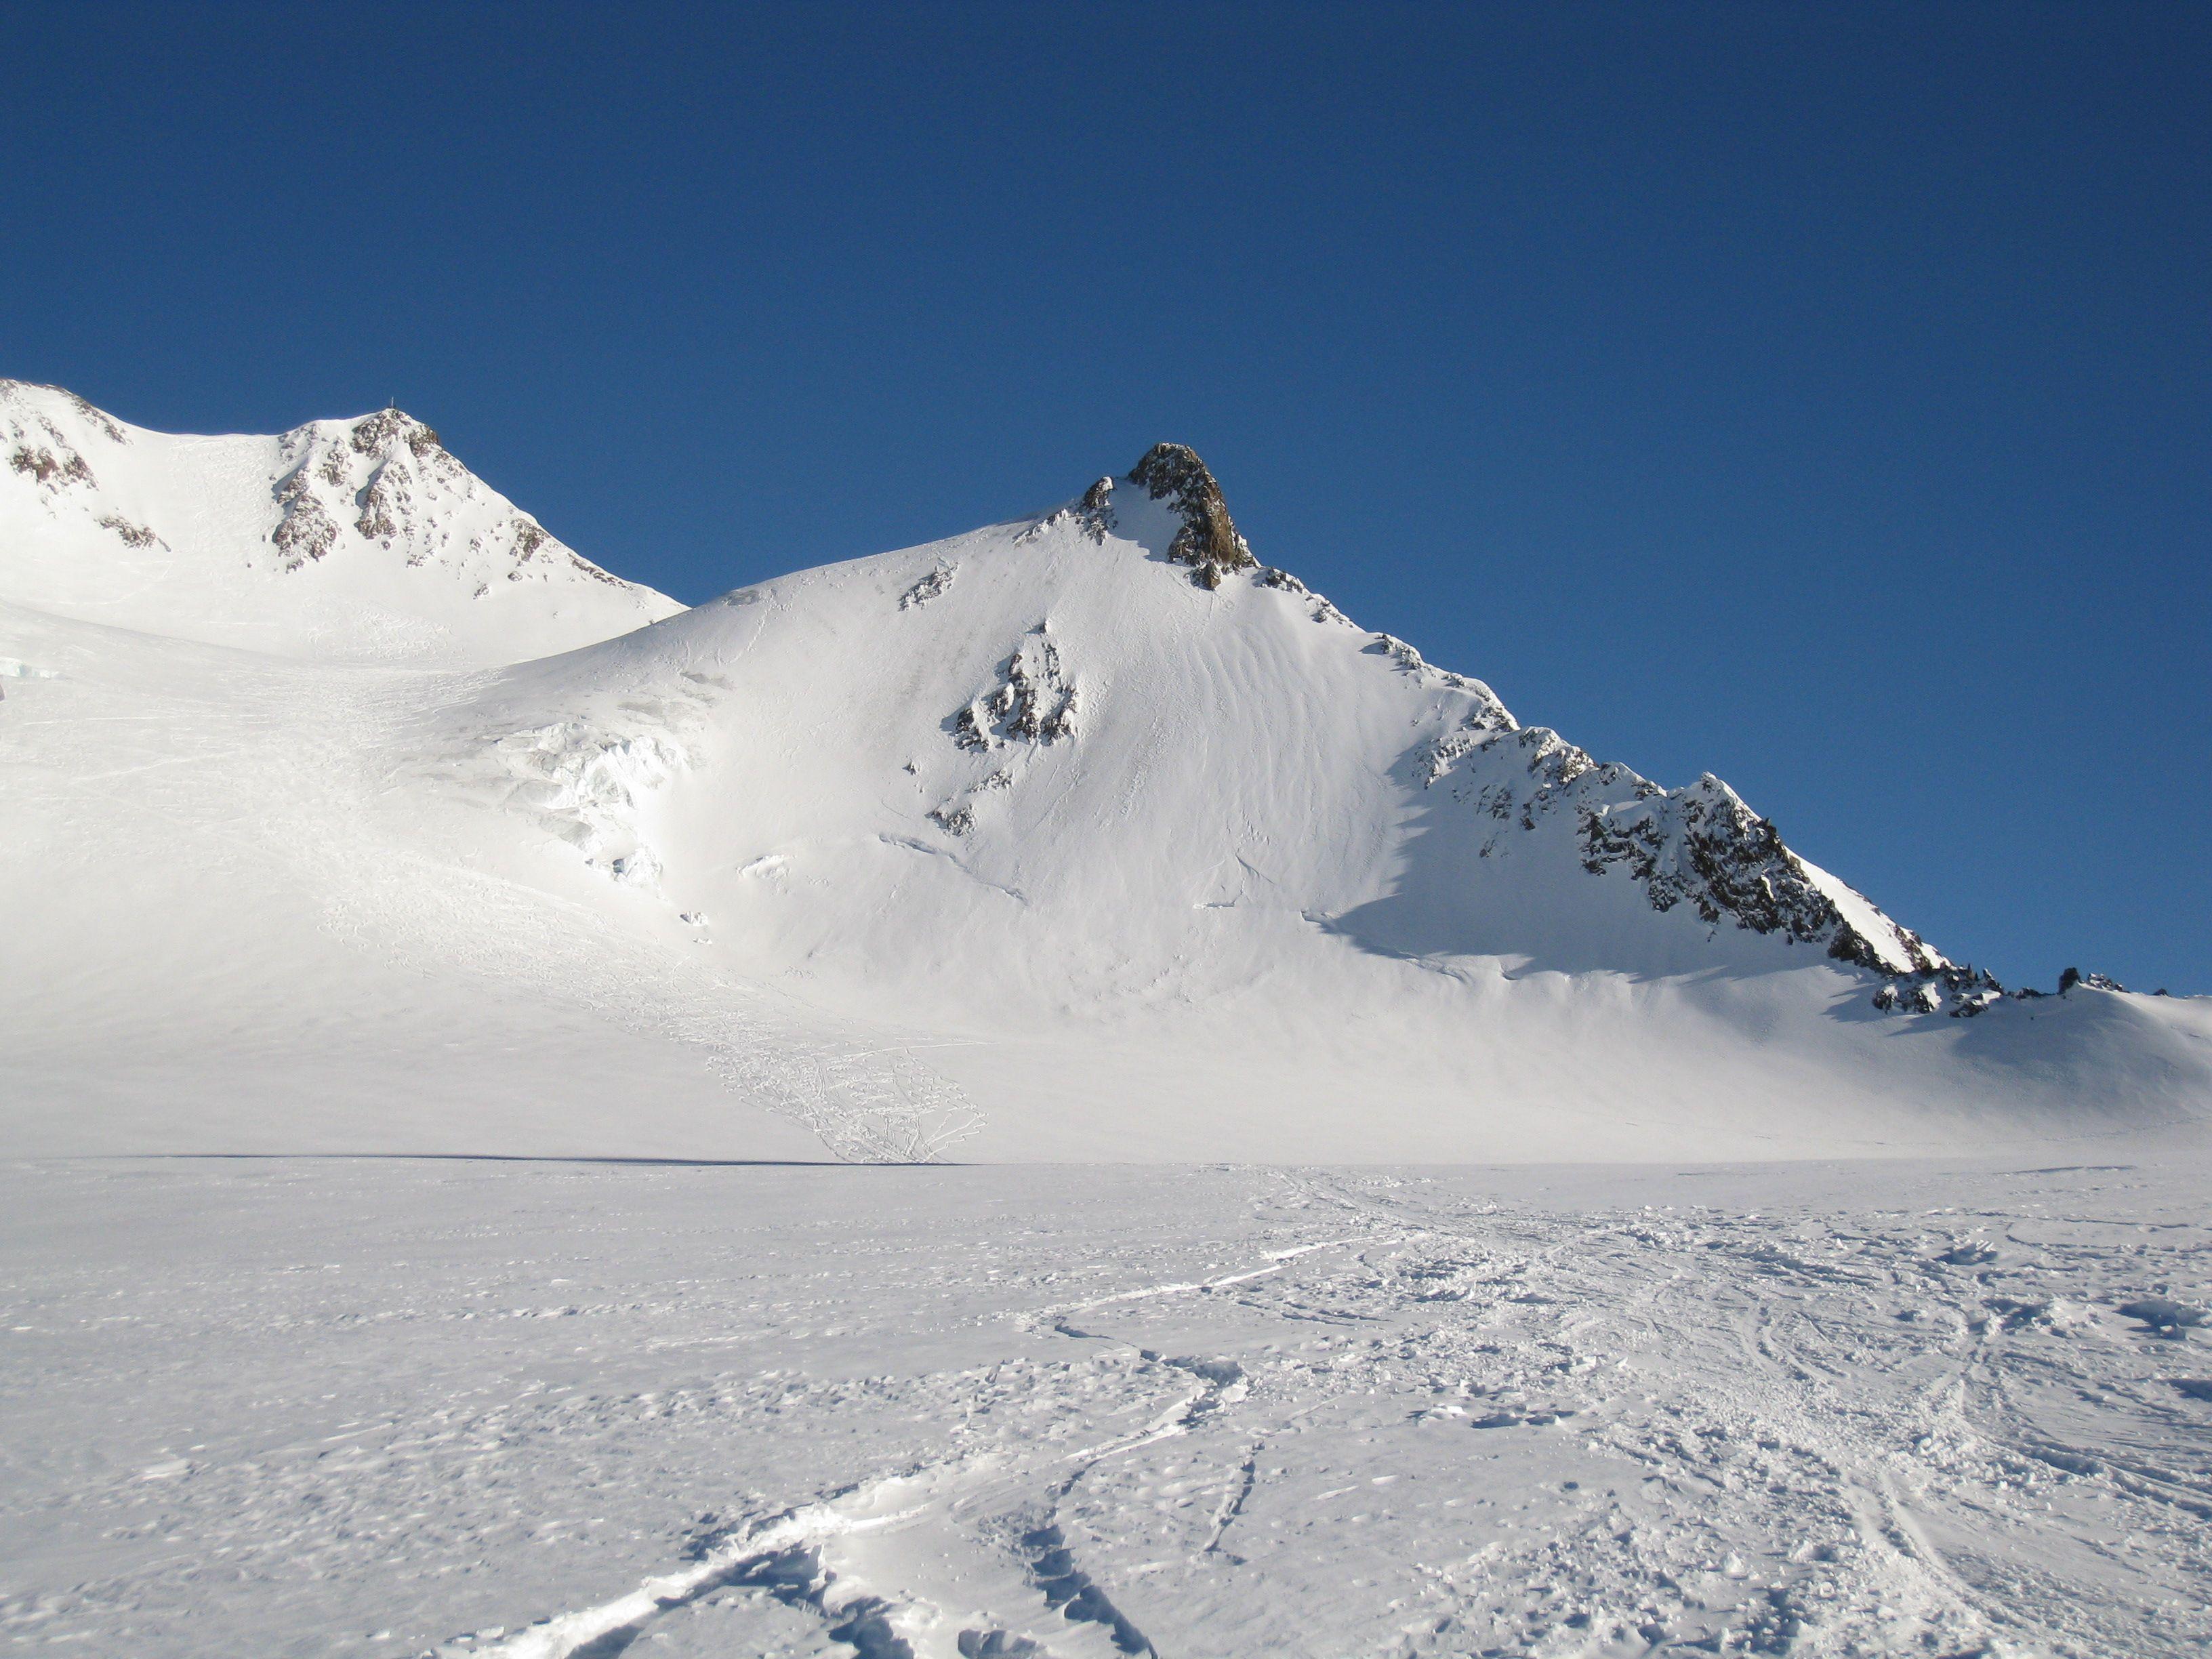 Perfekte Wetterbedingungen für eine Skitour in Österreich / Wildspitze